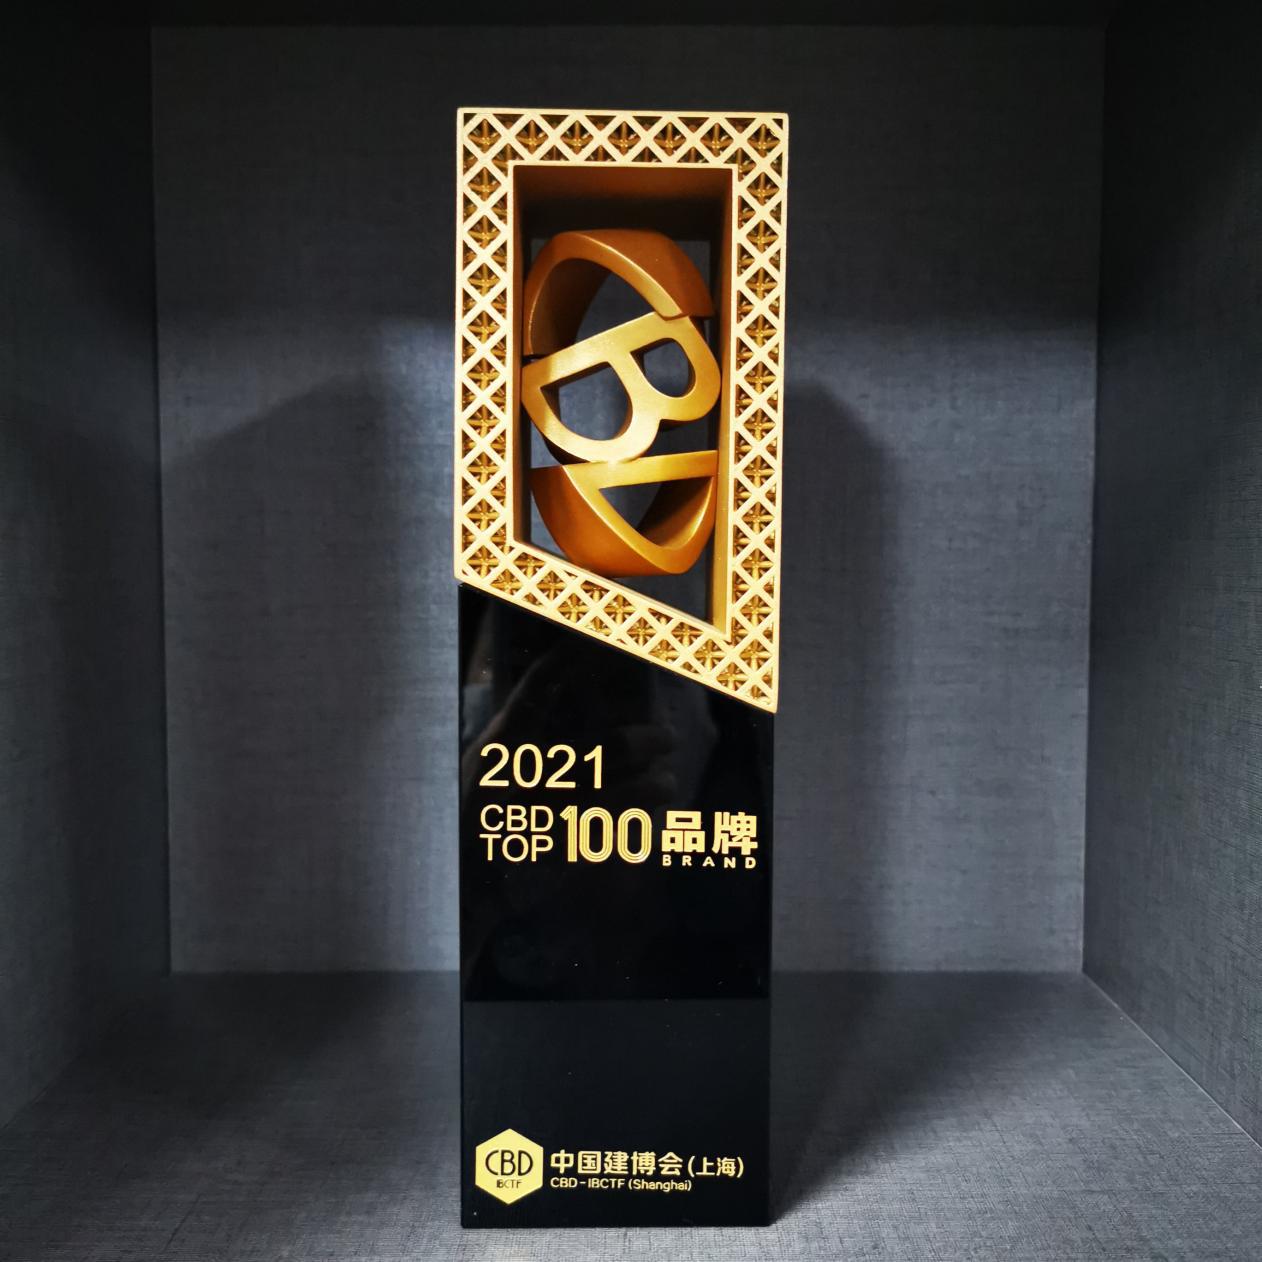 2021年度CBD TOP100品牌